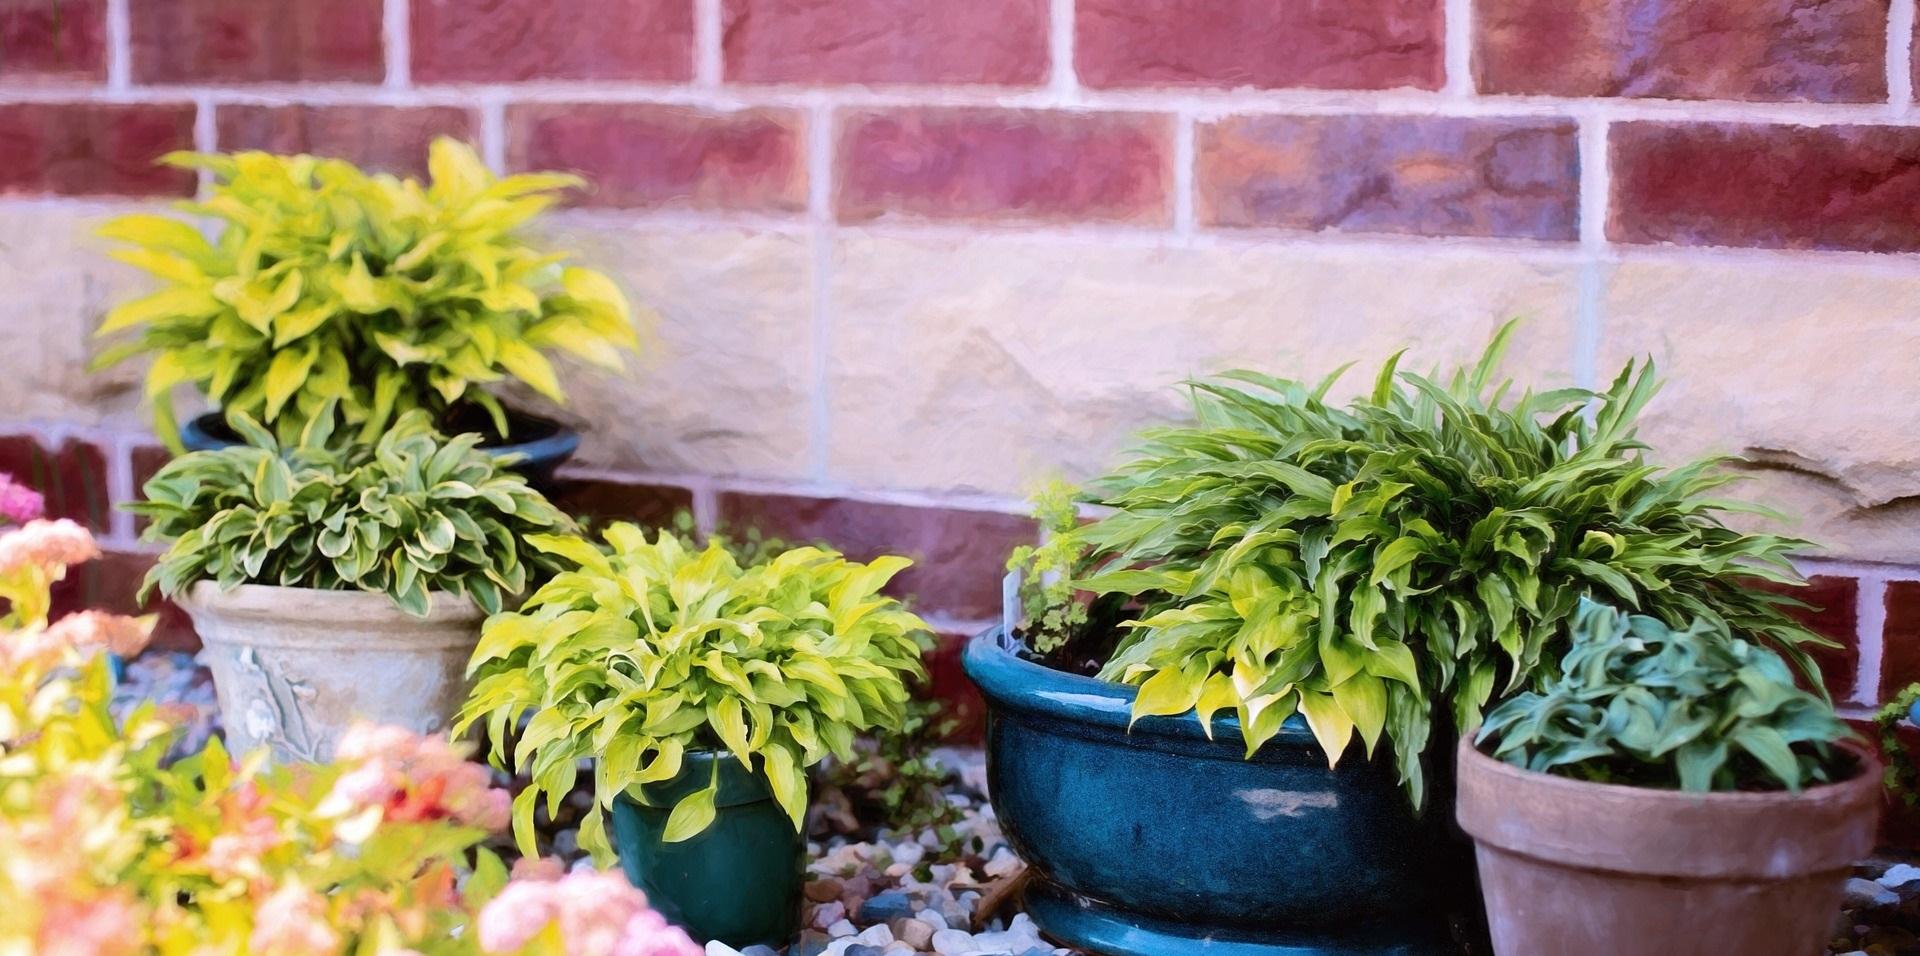 Drought-resistant plants in pots